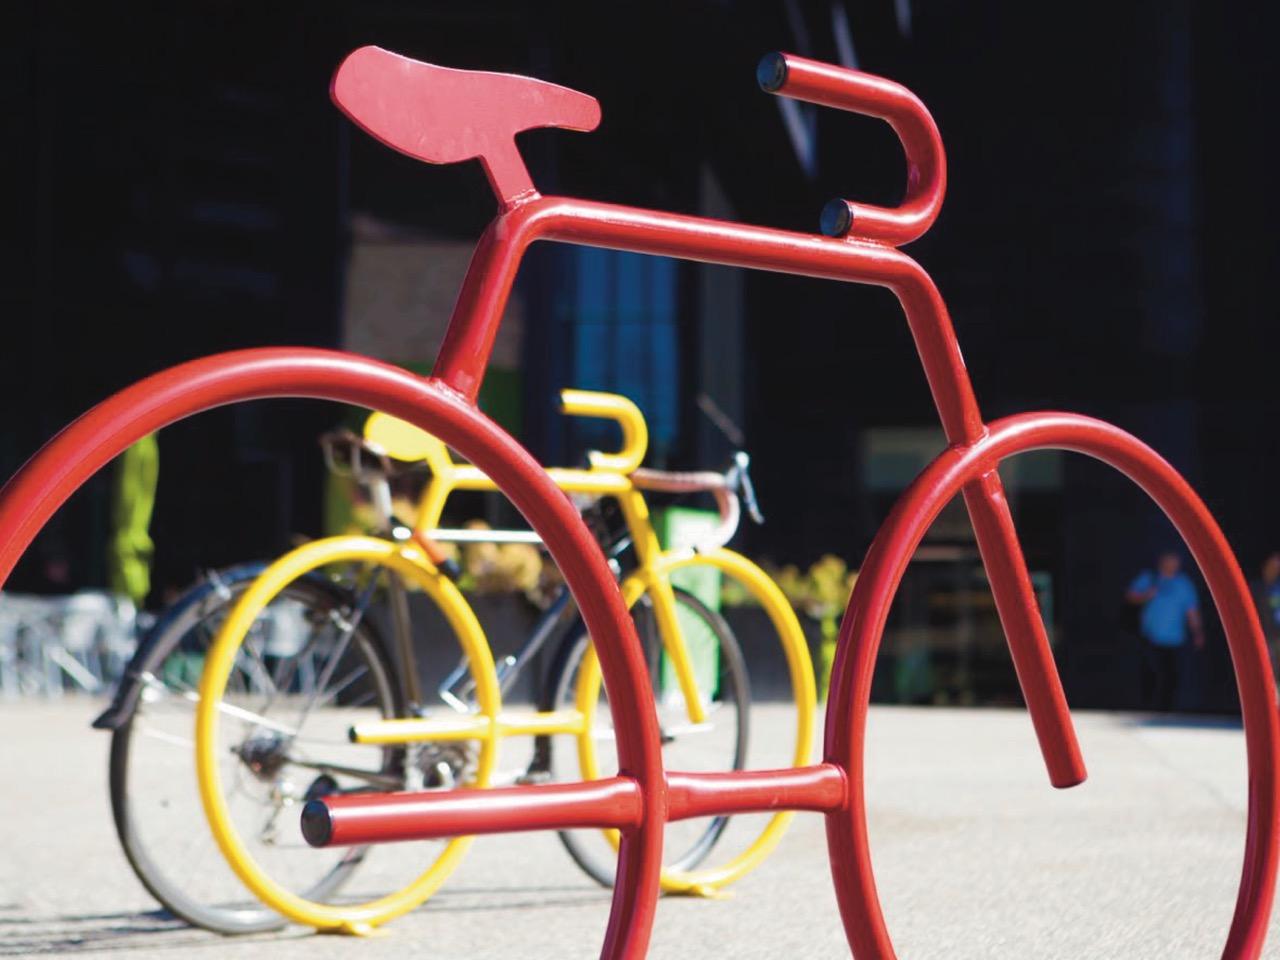 Bike Shaped Bicycle Rack 4 Bike Capacity By Dero Aaa